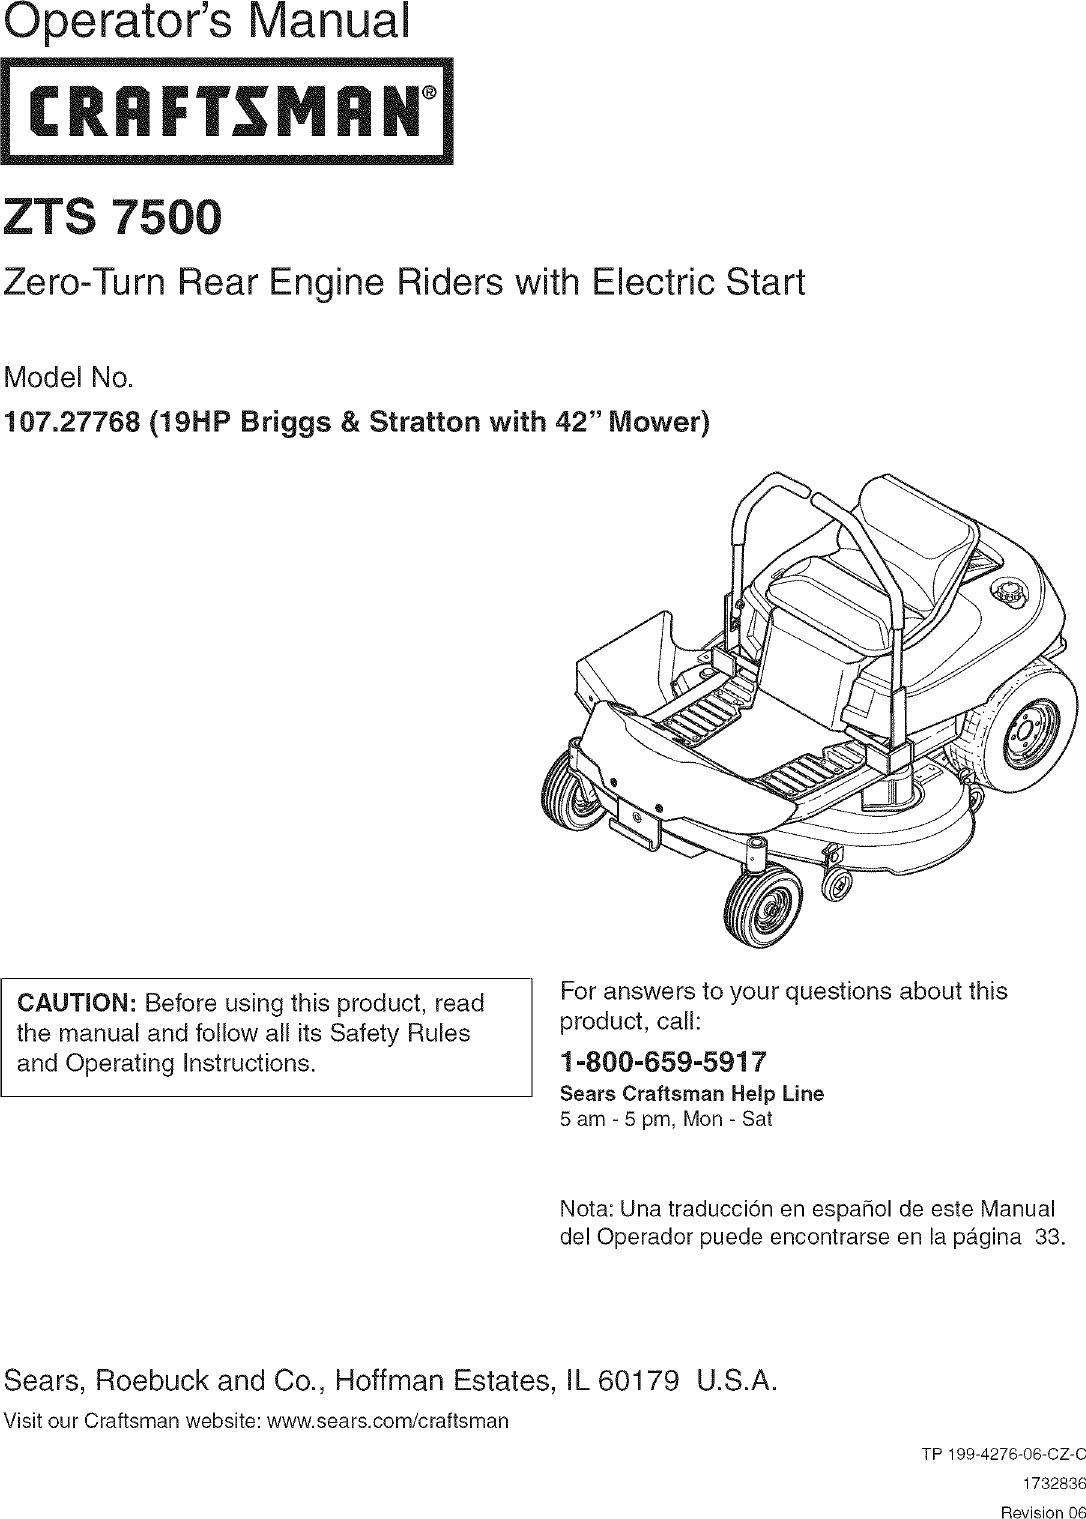 Briggs And Stratton 092908 Manual Guide